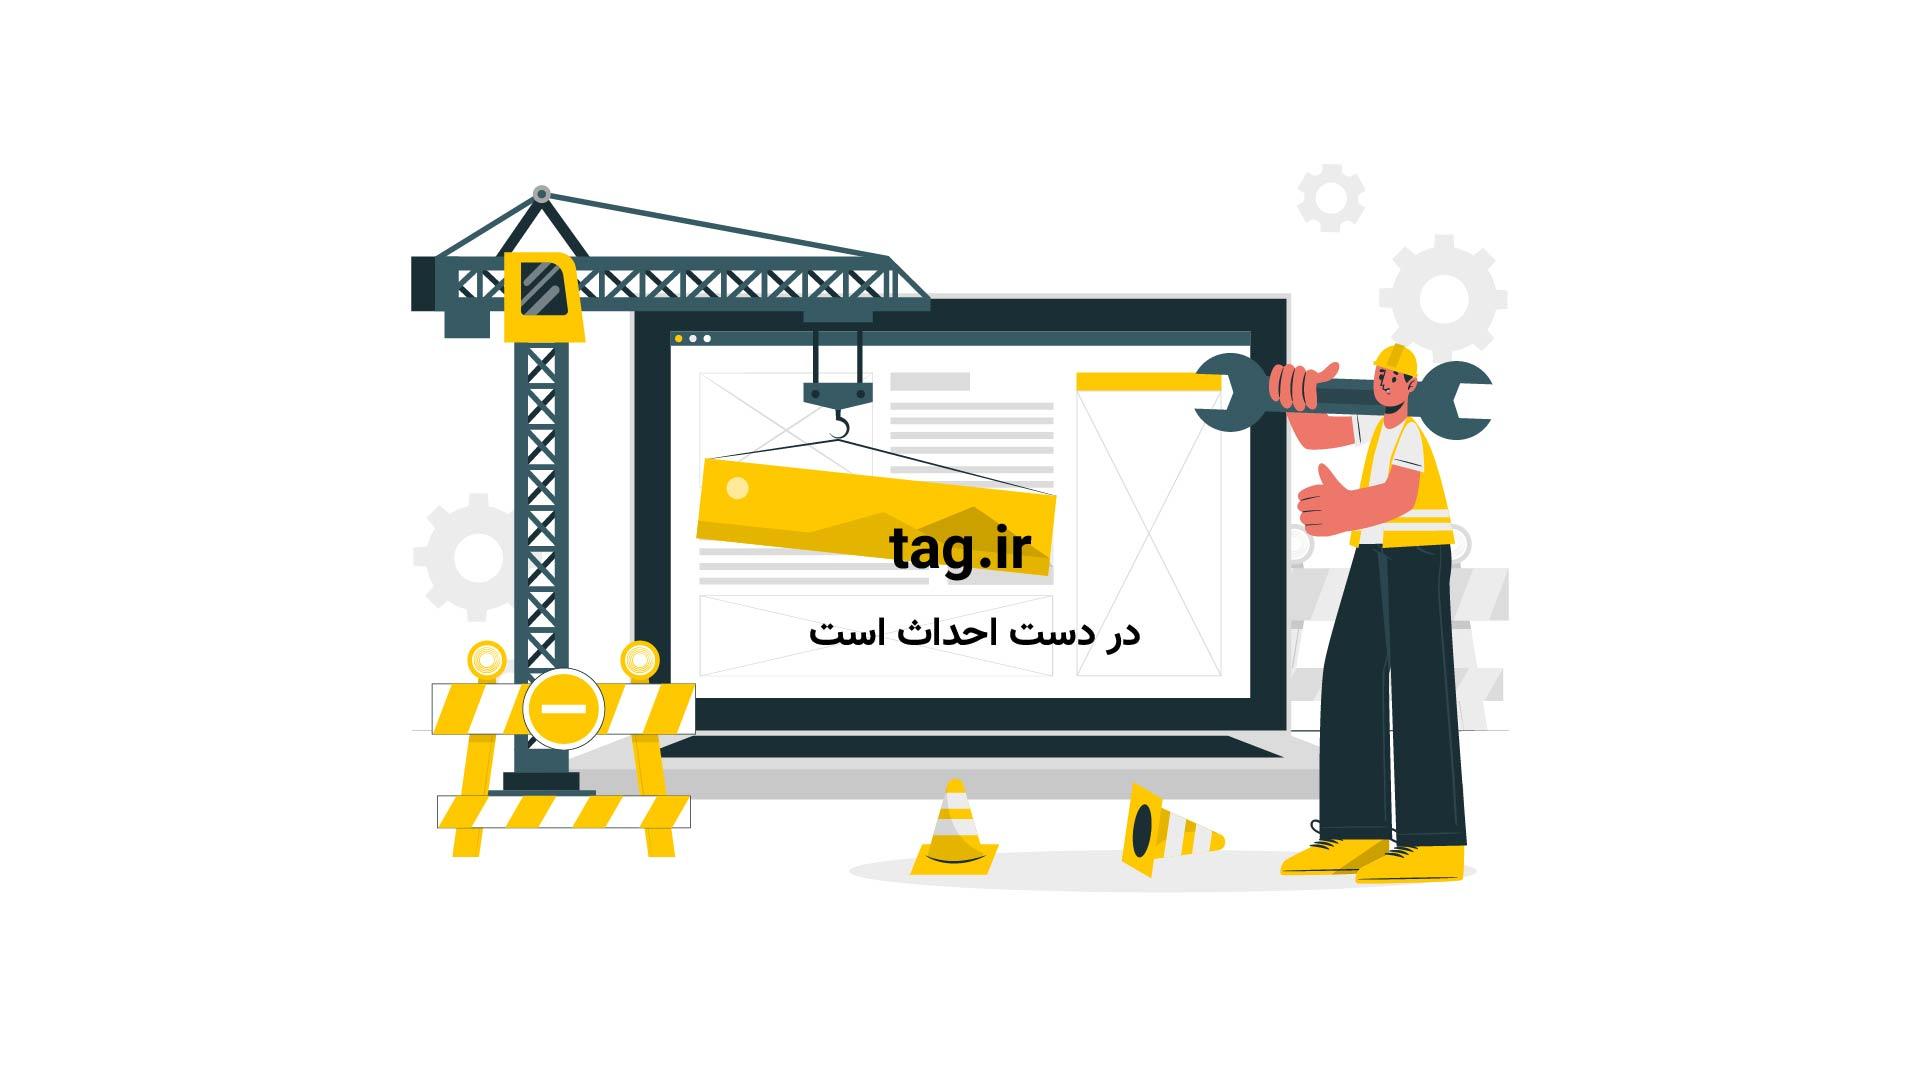 میمون روی تیر برق | تگ